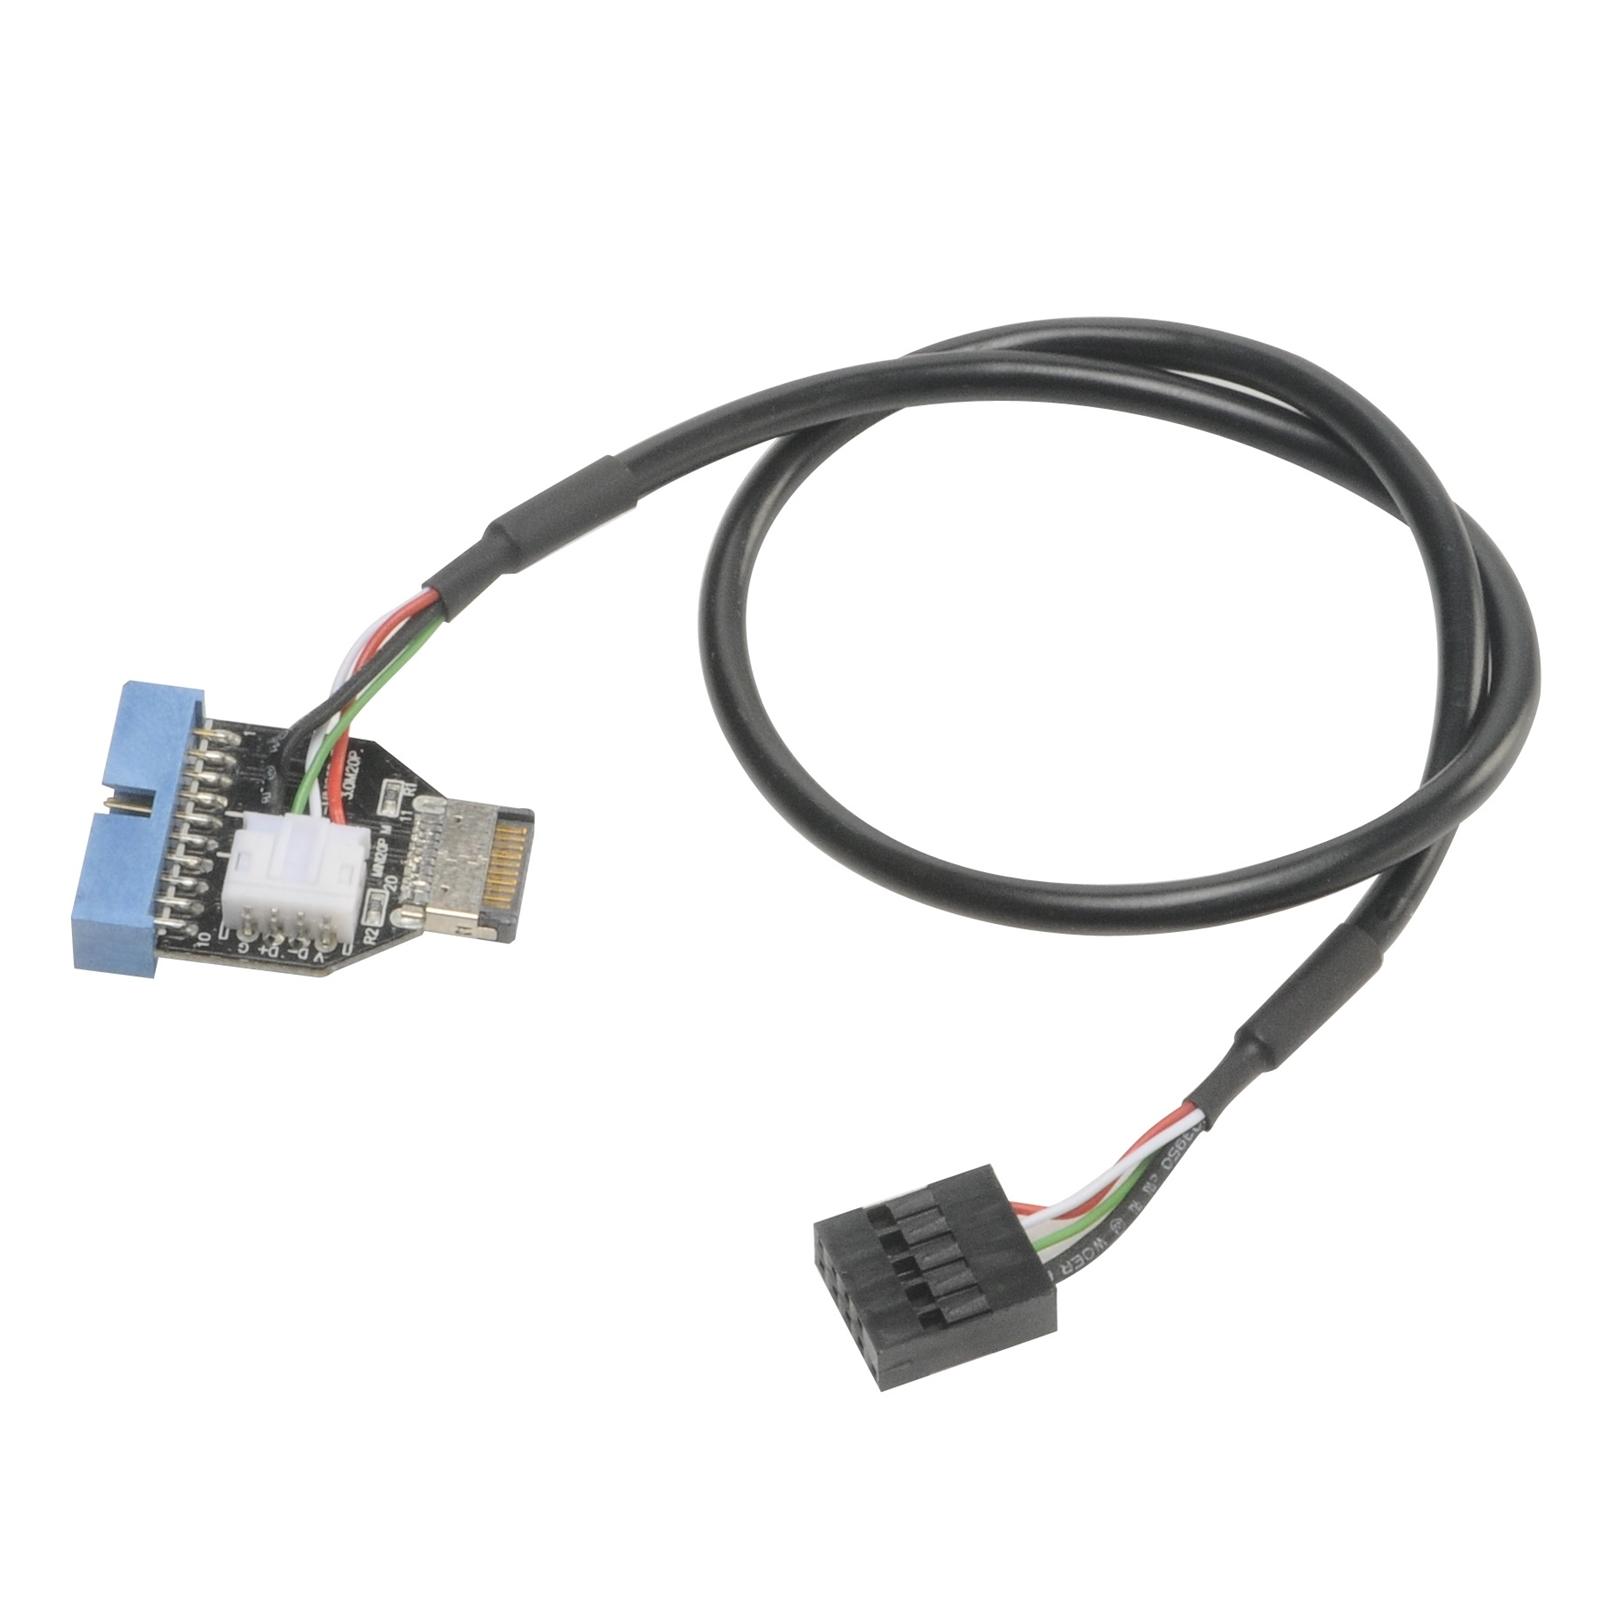 Akasa USB 3.1 Gen2 Internal Connector to USB 3.1 Gen1 19-pin Internal Adapter Cable